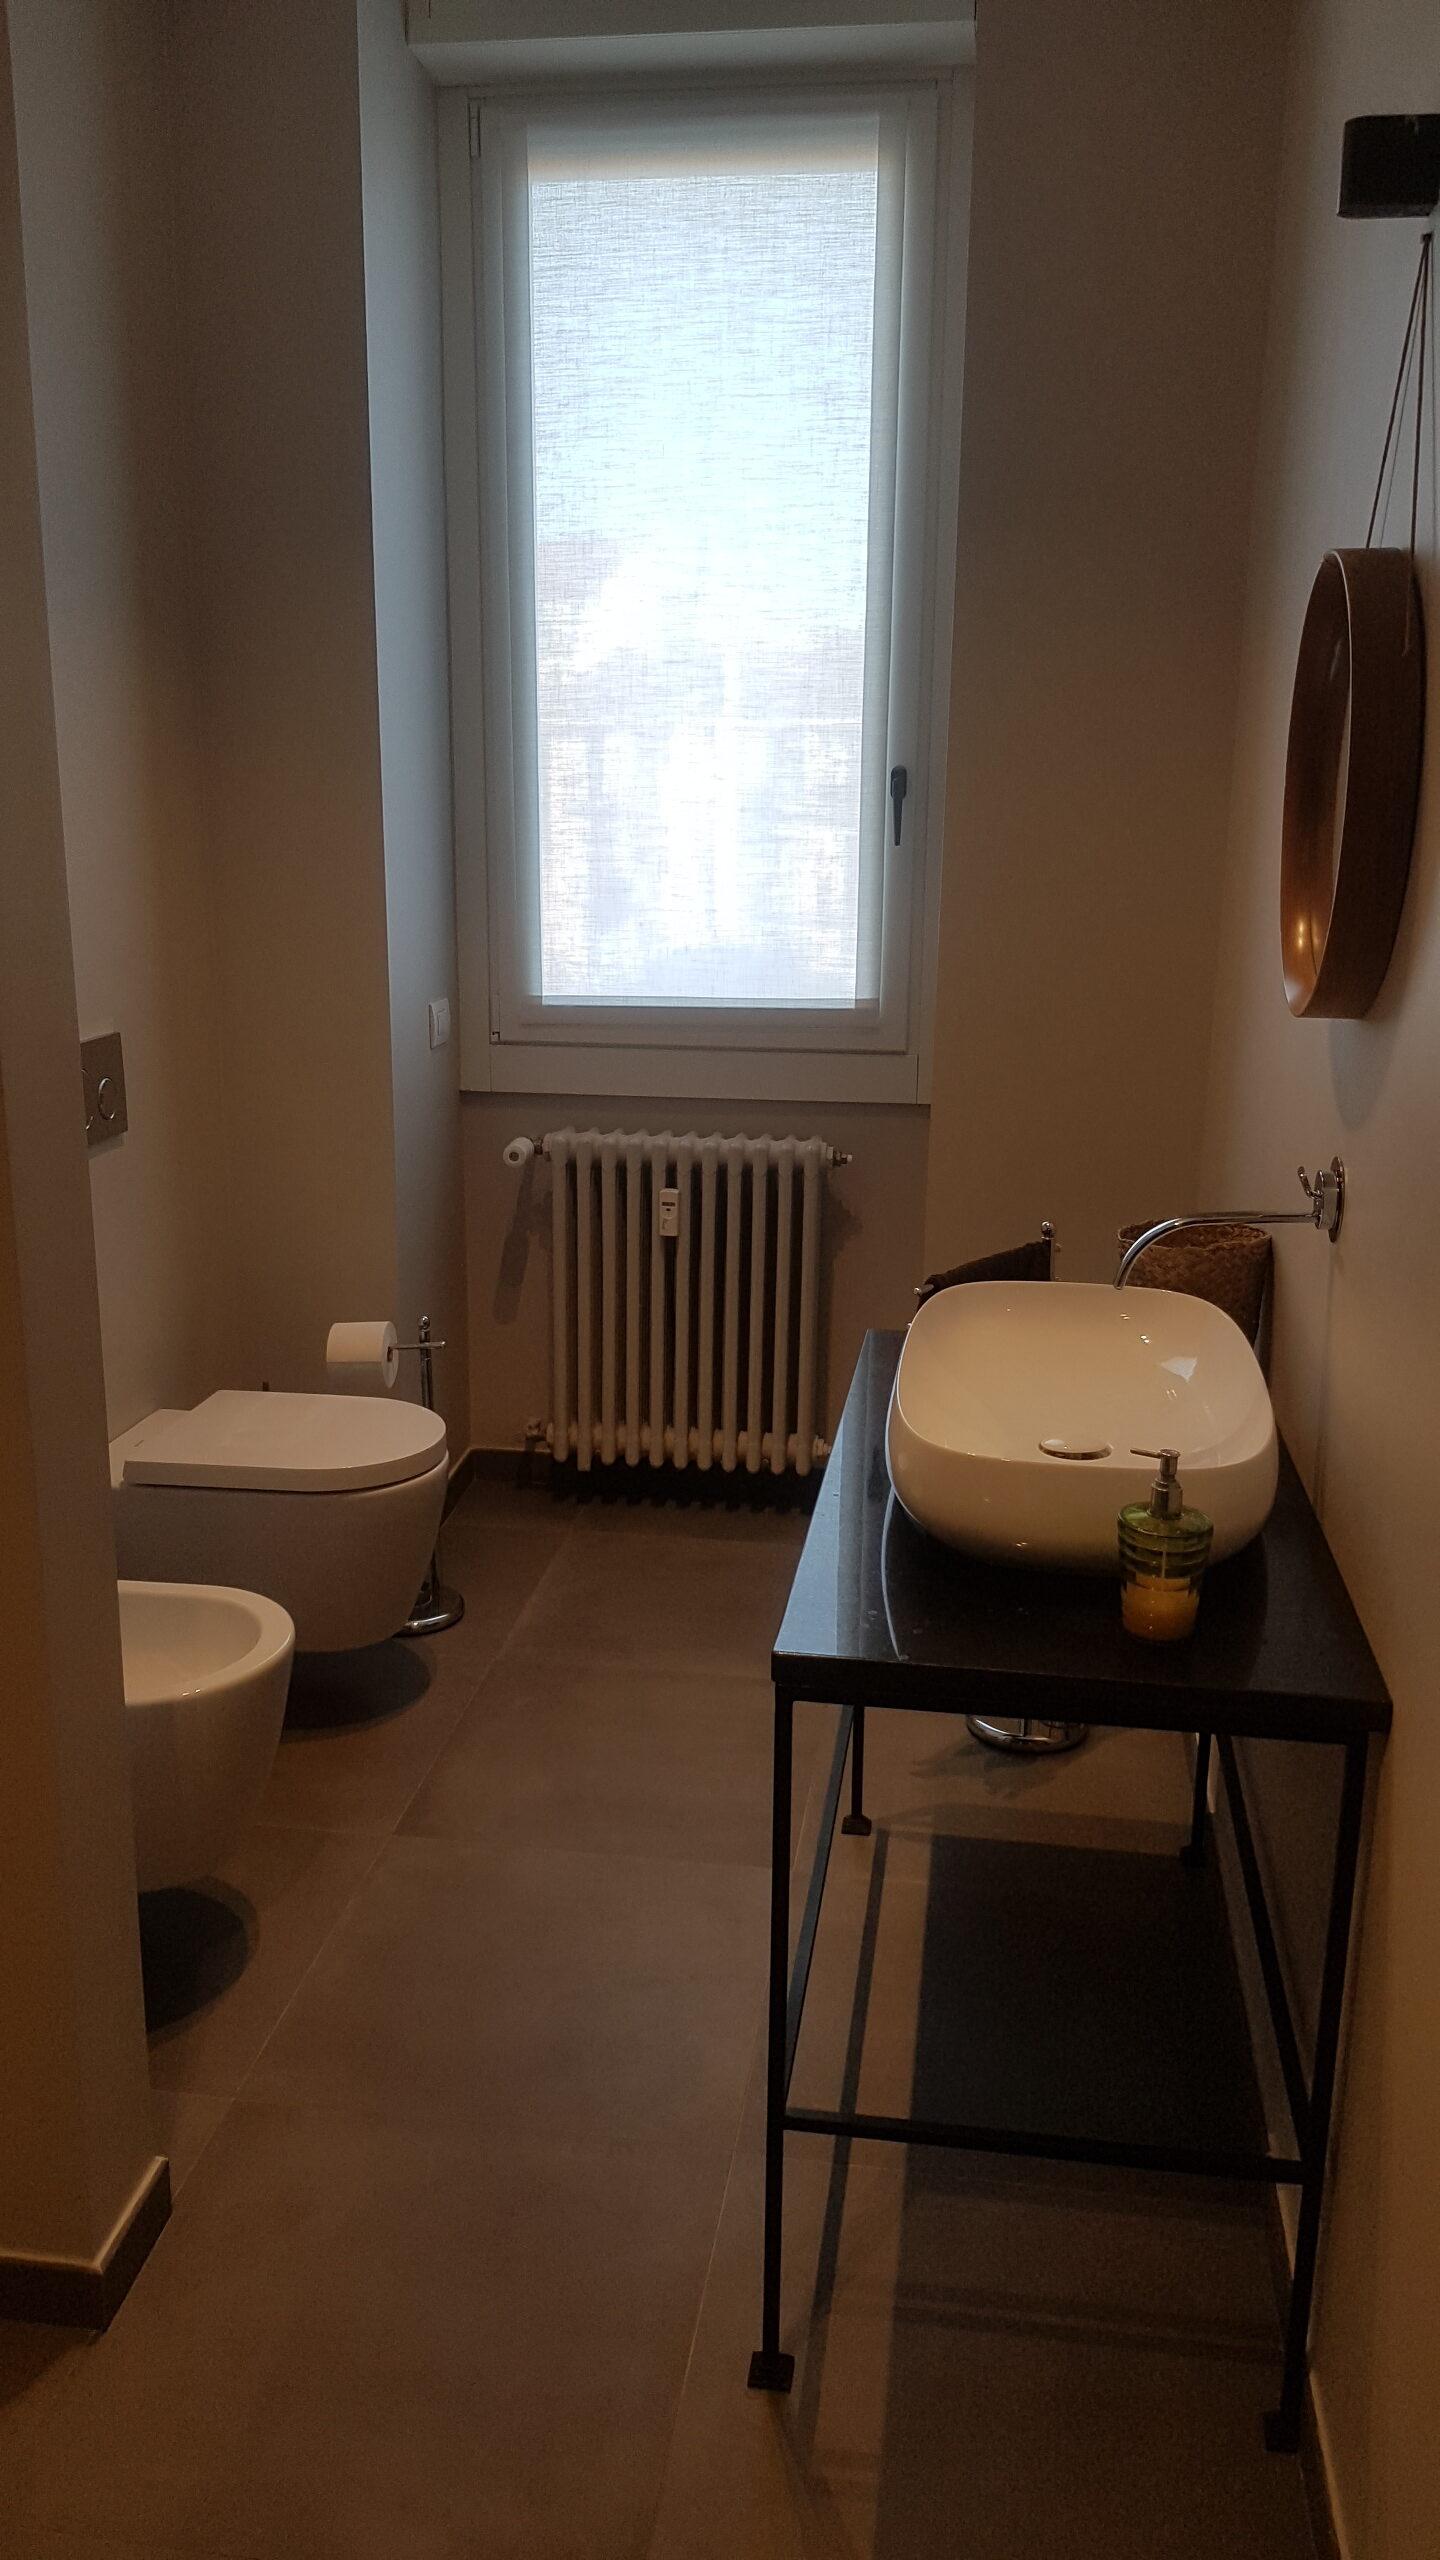 4. Ristrutturazione bagno con sanitari a parete sospesi, recupero davanzale serramento per ubicazione lavabo e pavimento in piastrelle ceramiche: lavori ultimati.